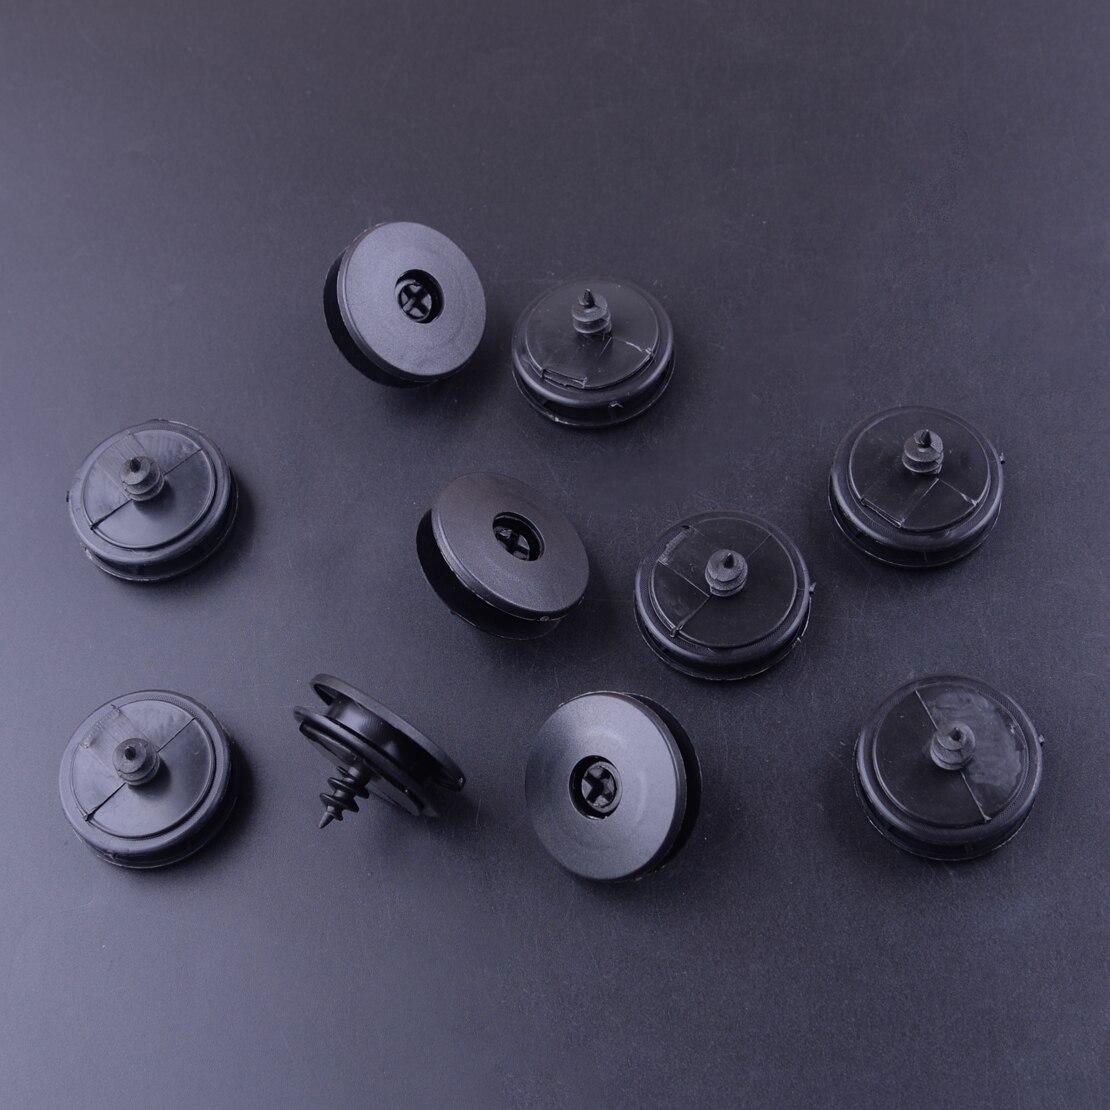 Beler 30 Uds negro Interior de plástico clips para alfombras alfombra estancia tornillo de retención Anti-deslizamiento Pad arreglar retenedor de fijación